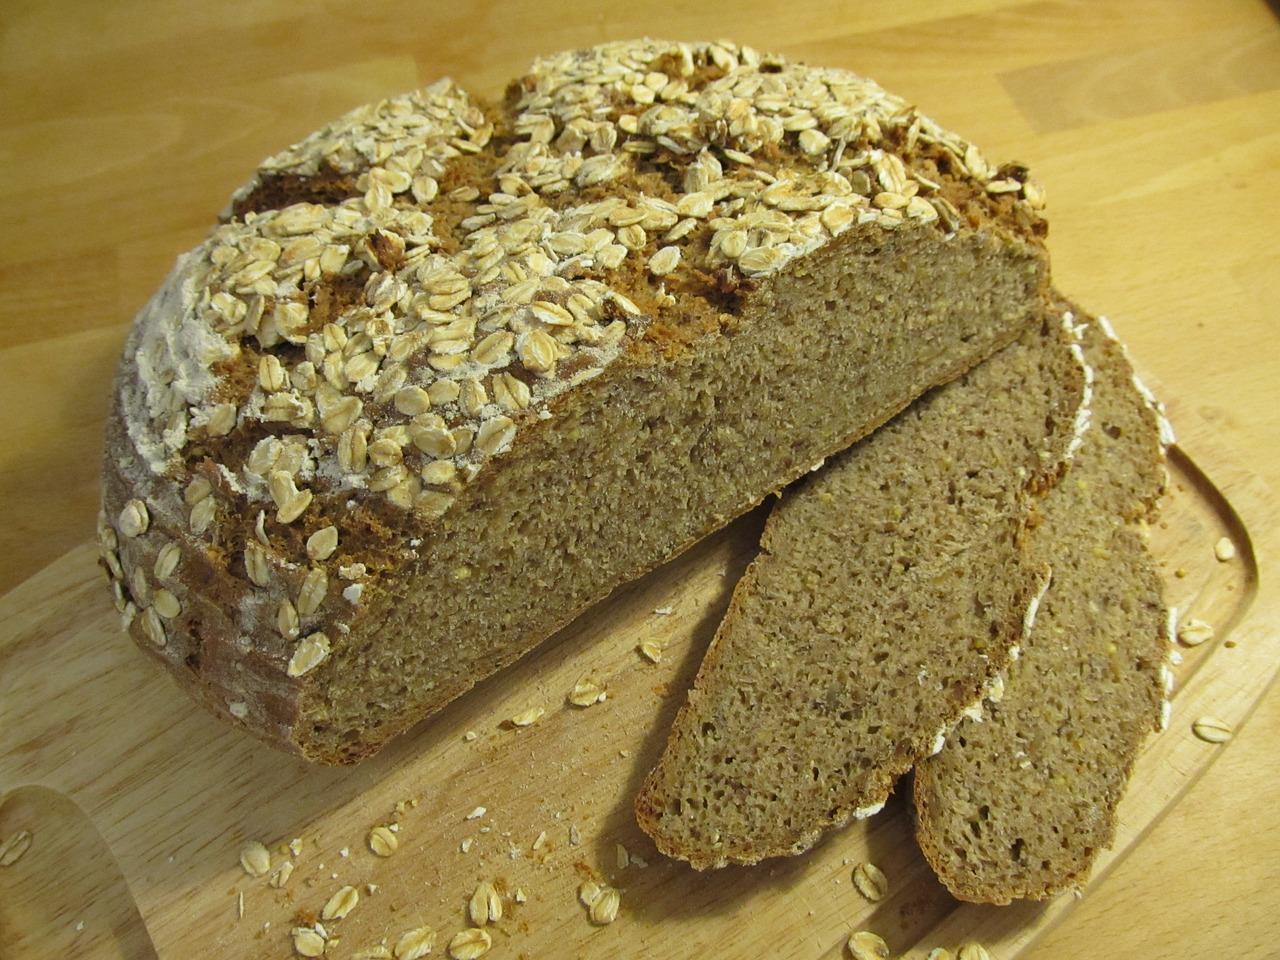 Как выбирать полезный хлеб и стоит ли есть корочку